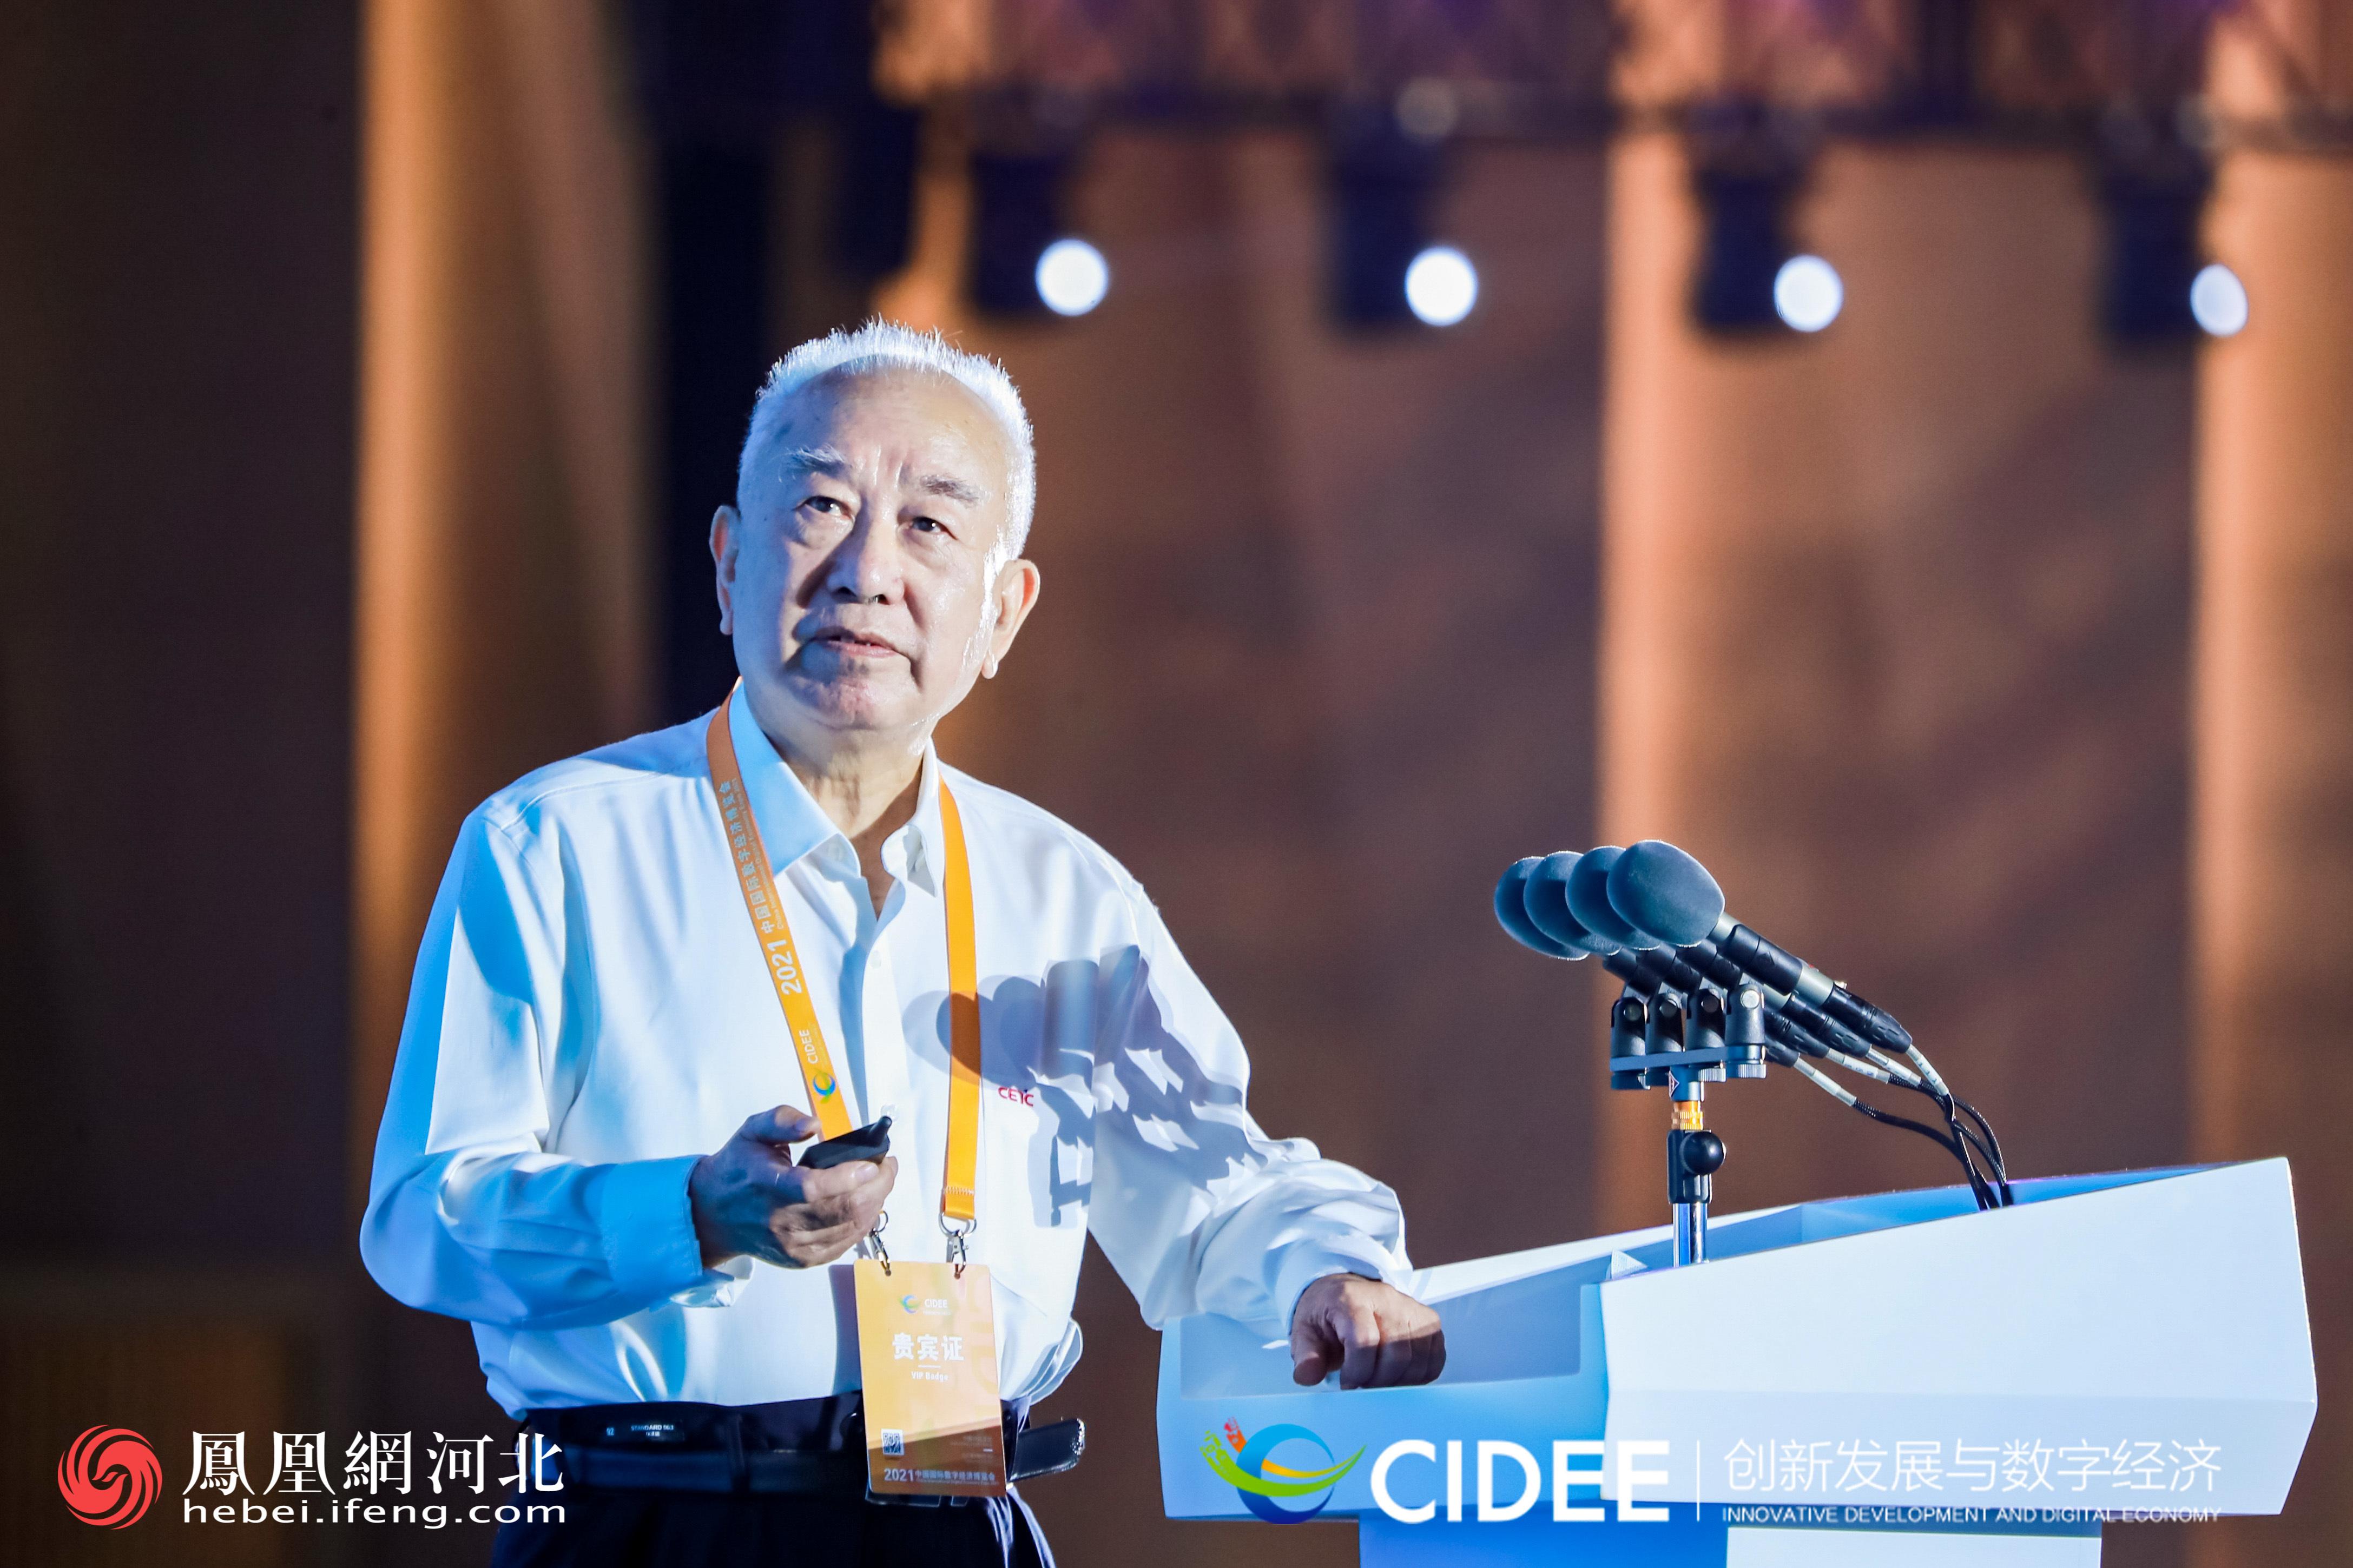 中国工程院院士、中国电子科技集团第五十四研究所首席专家、研究员孙玉